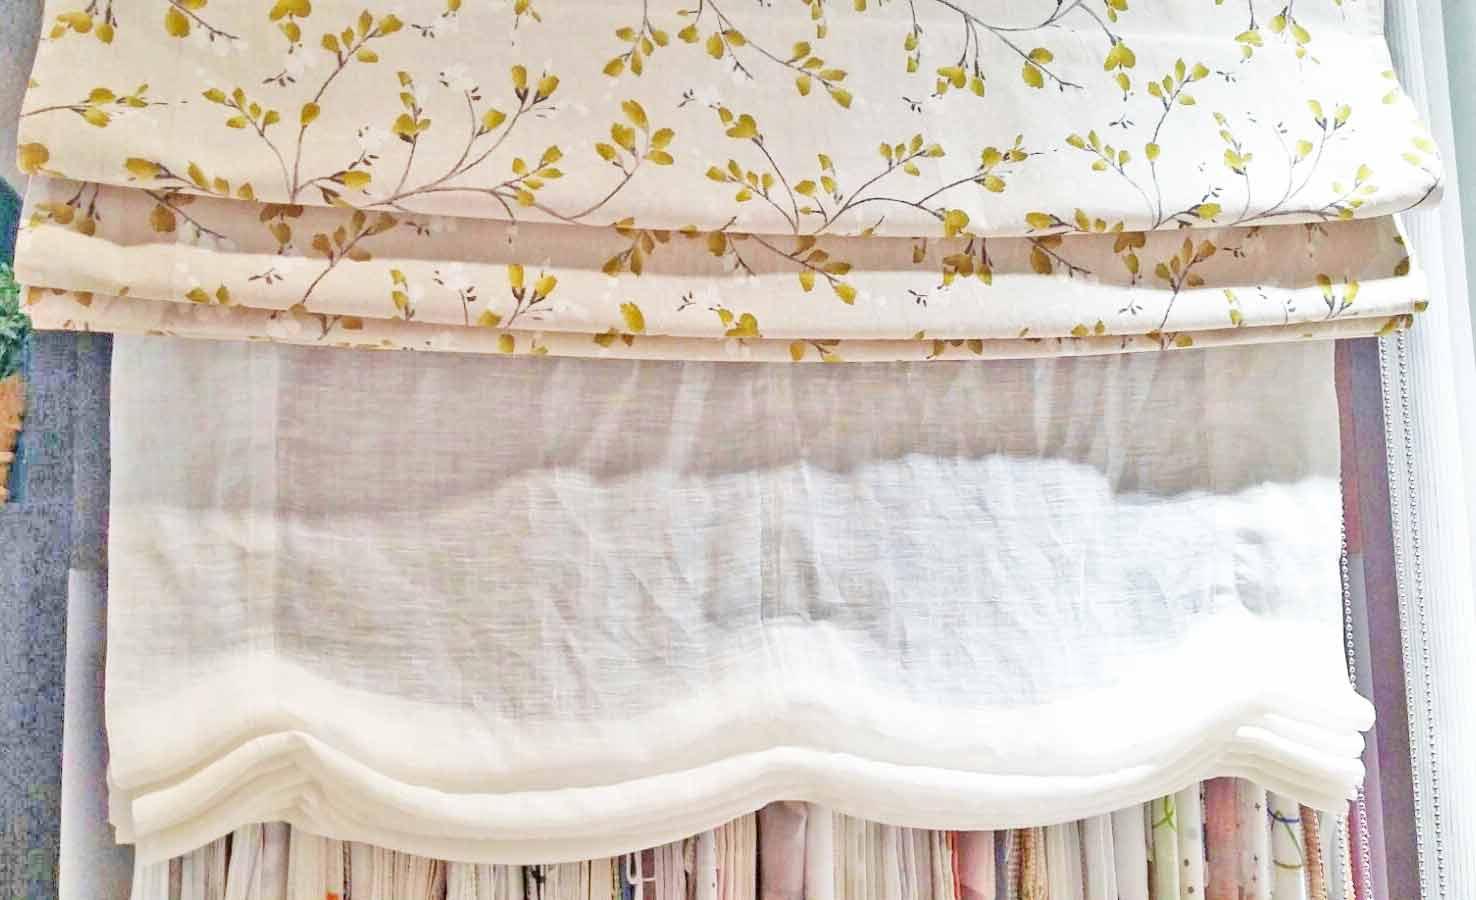 Cortinas y estores Paqueto estampados en exposición telas claras